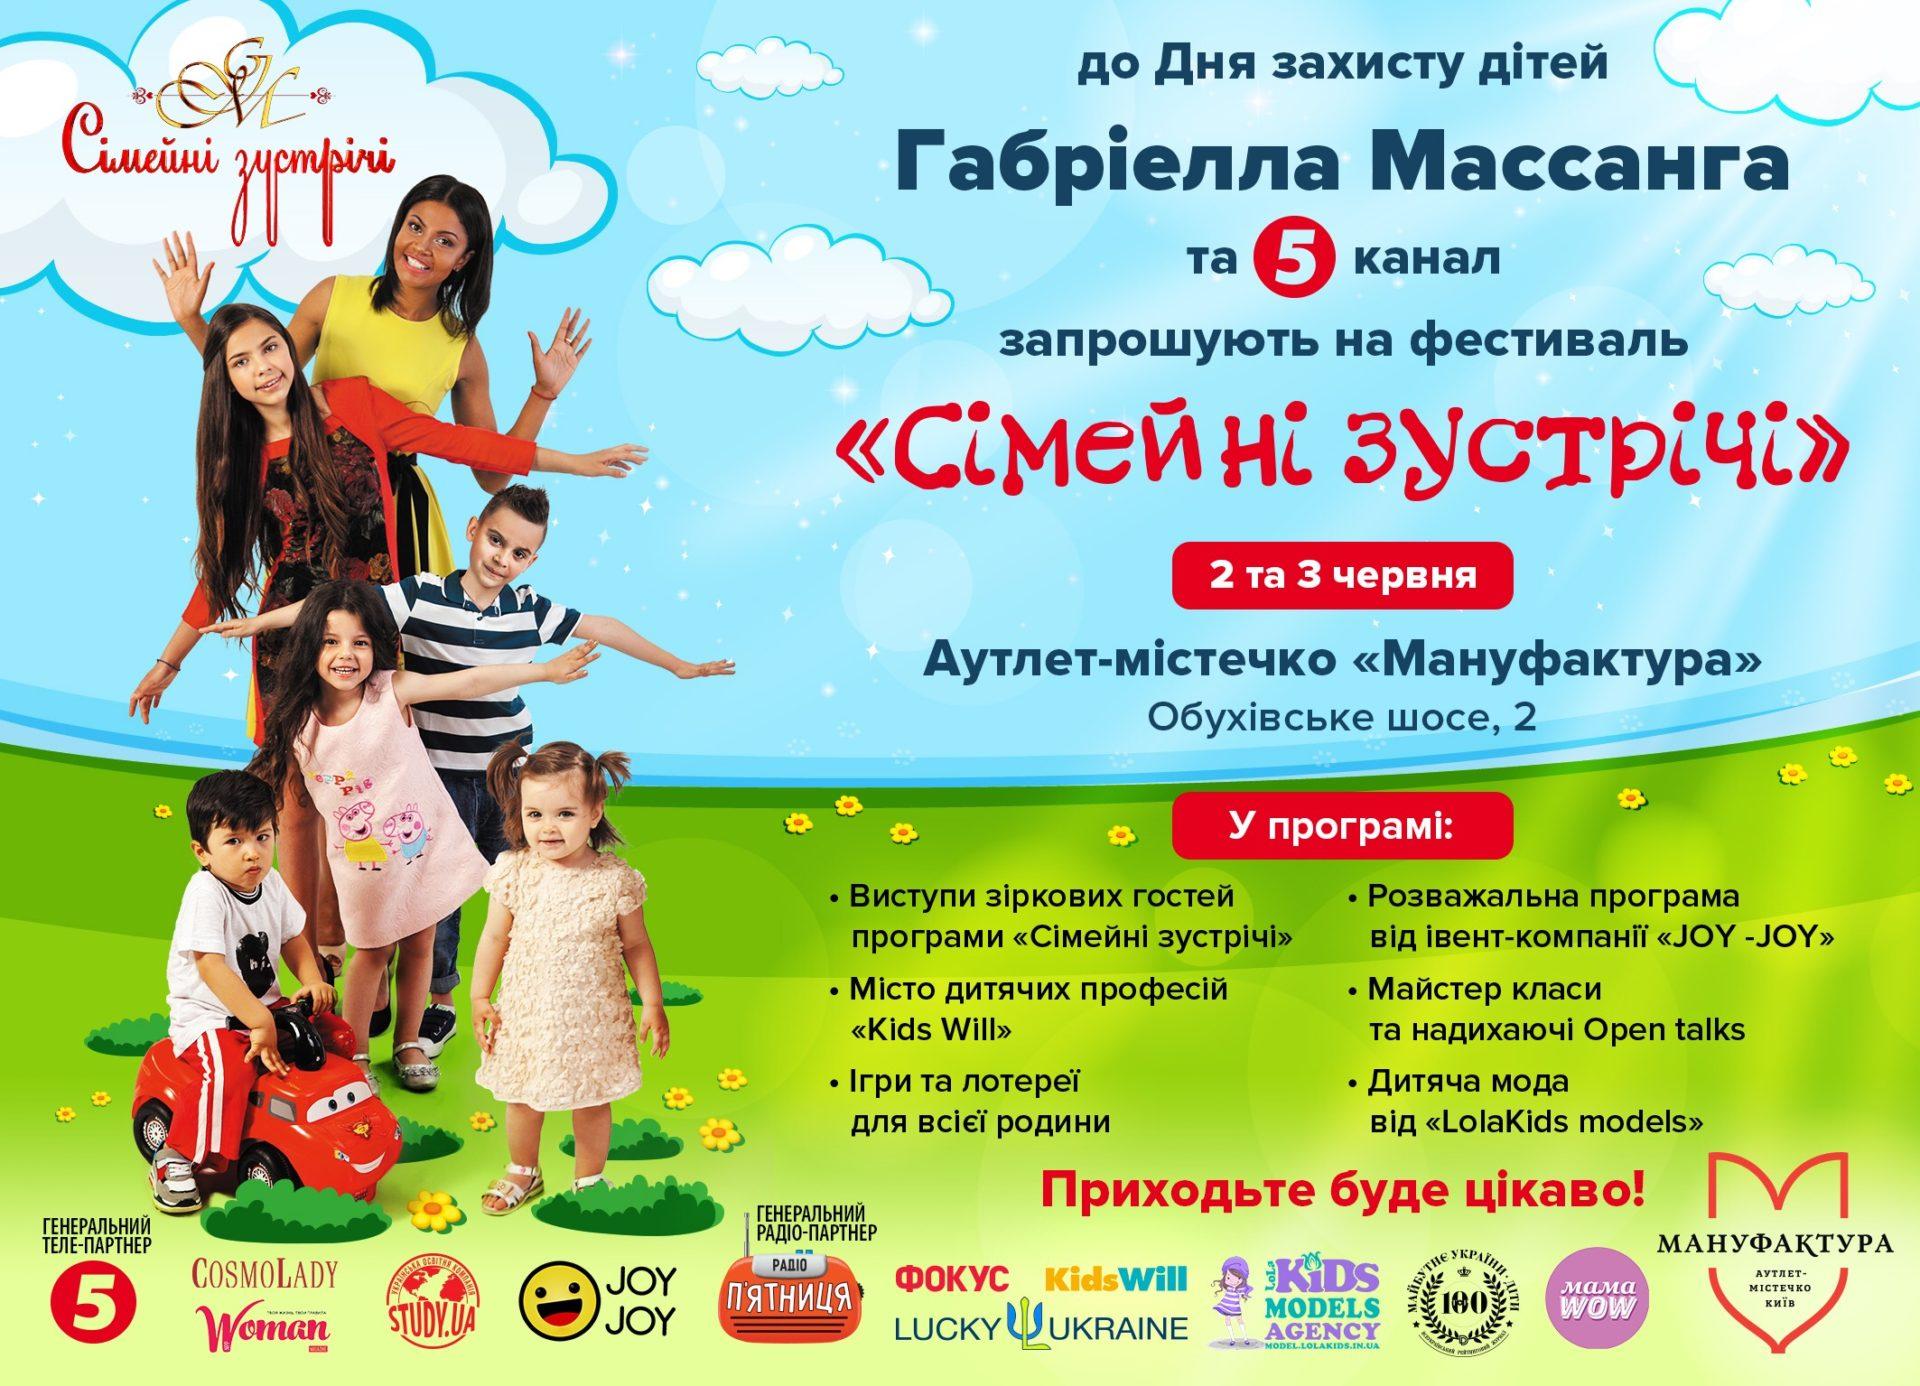 Габріелла Массанга та 5 канал запрошують на фестиваль Сімейні зустрічі